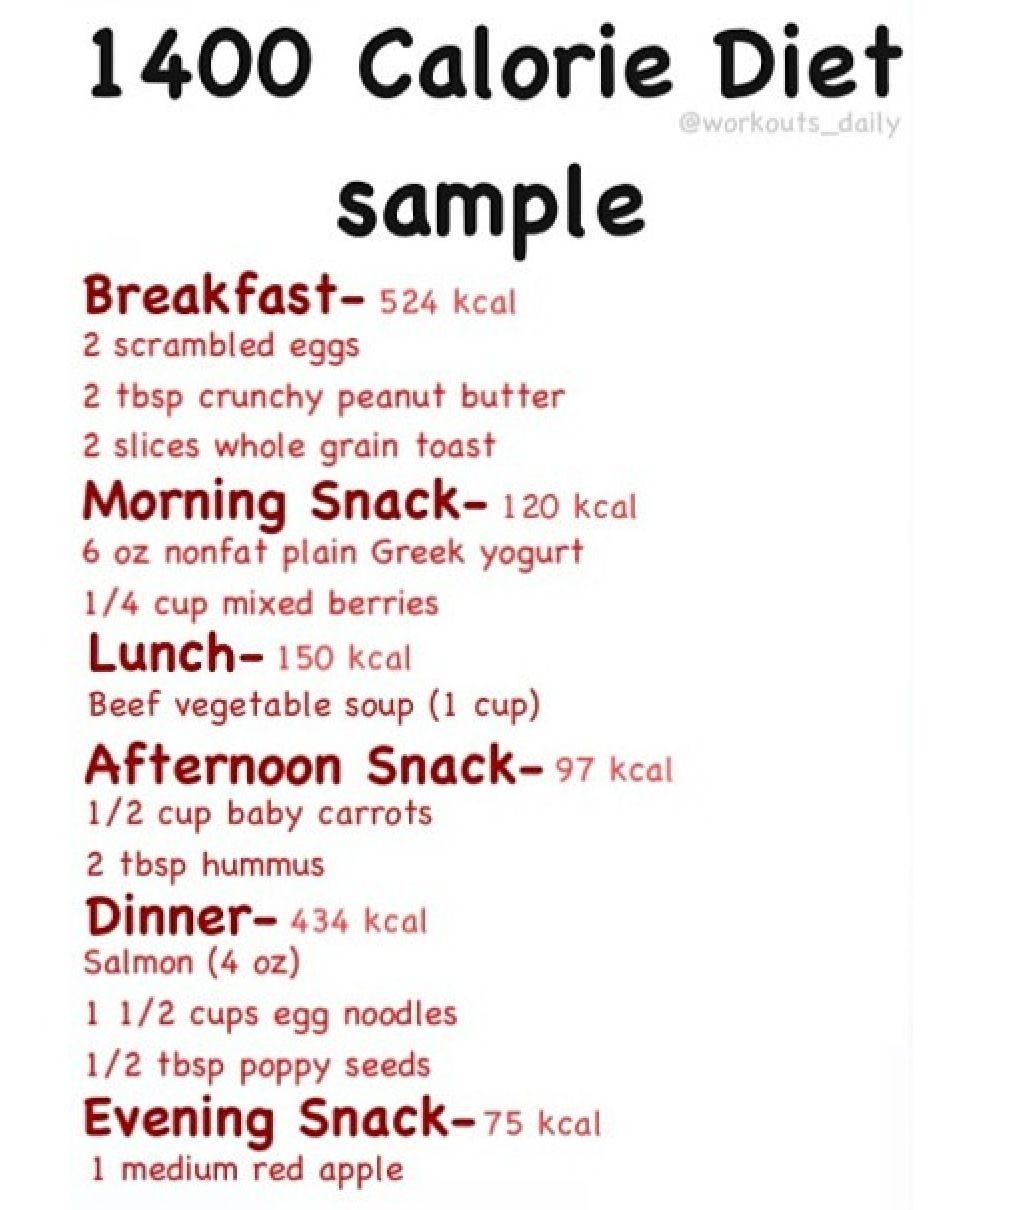 meal plan 1400 calories  1400 Calorie Diet Sample | 1400 calorie diet, 1500 calorie ..